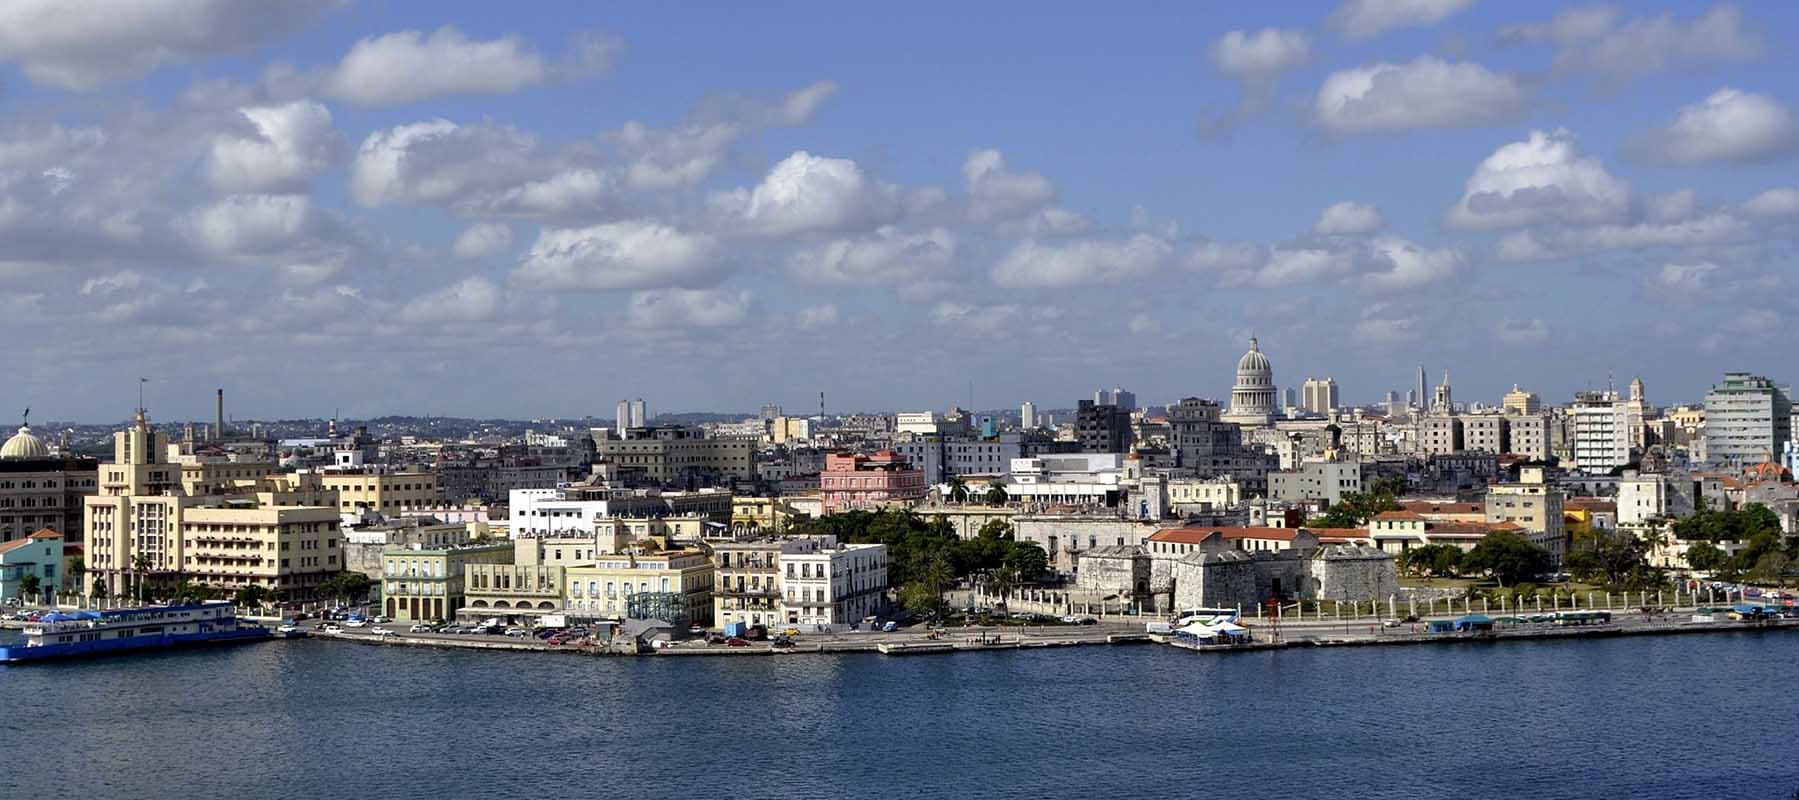 Cubaunique viajes unicos a cuba